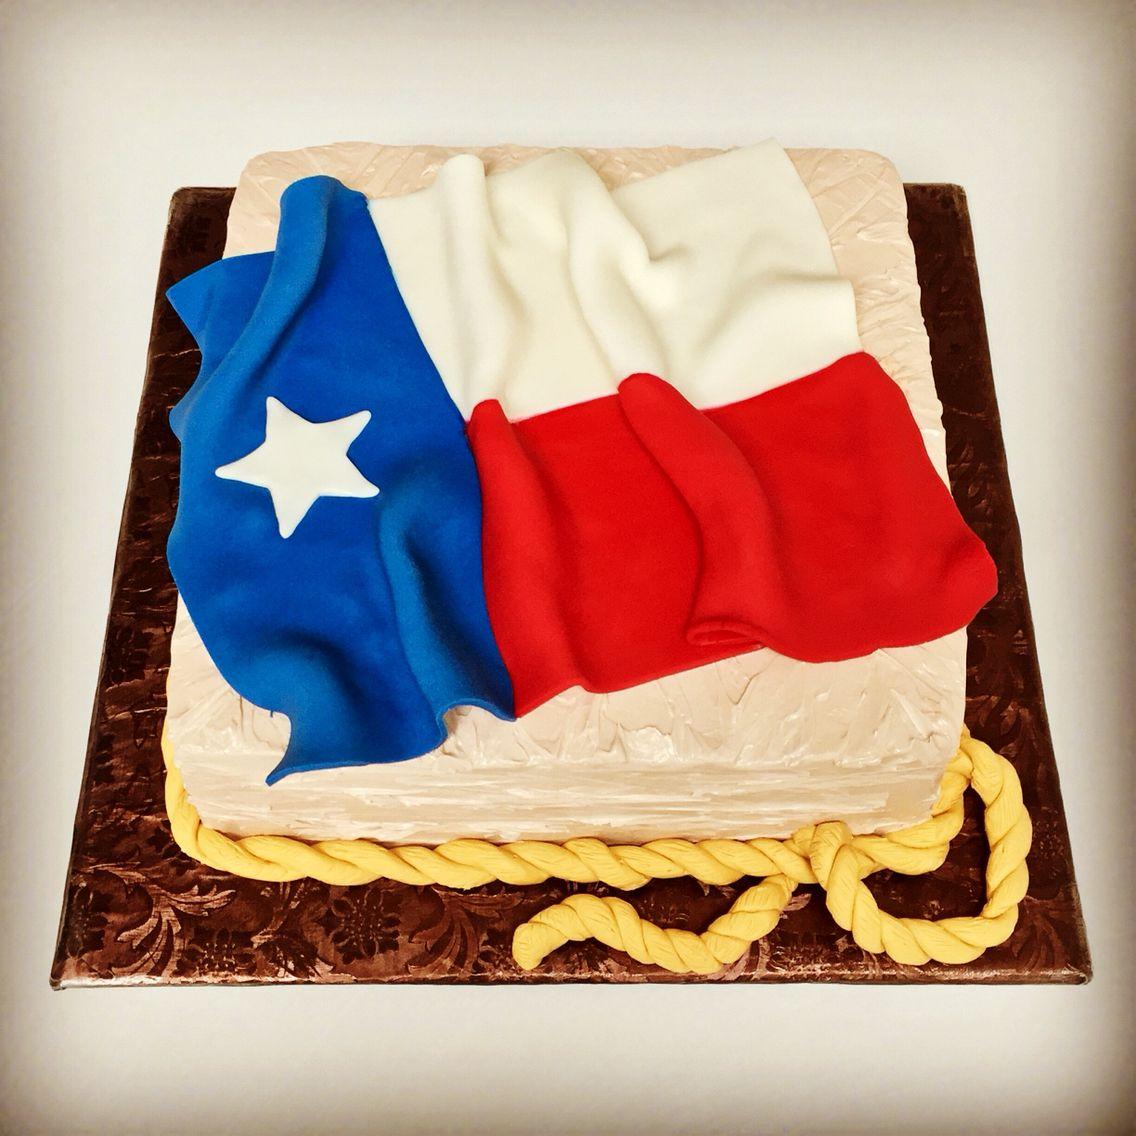 Sensational Texas Themed Birthday Cake For A Fellow Texan Happy Birthday Personalised Birthday Cards Veneteletsinfo